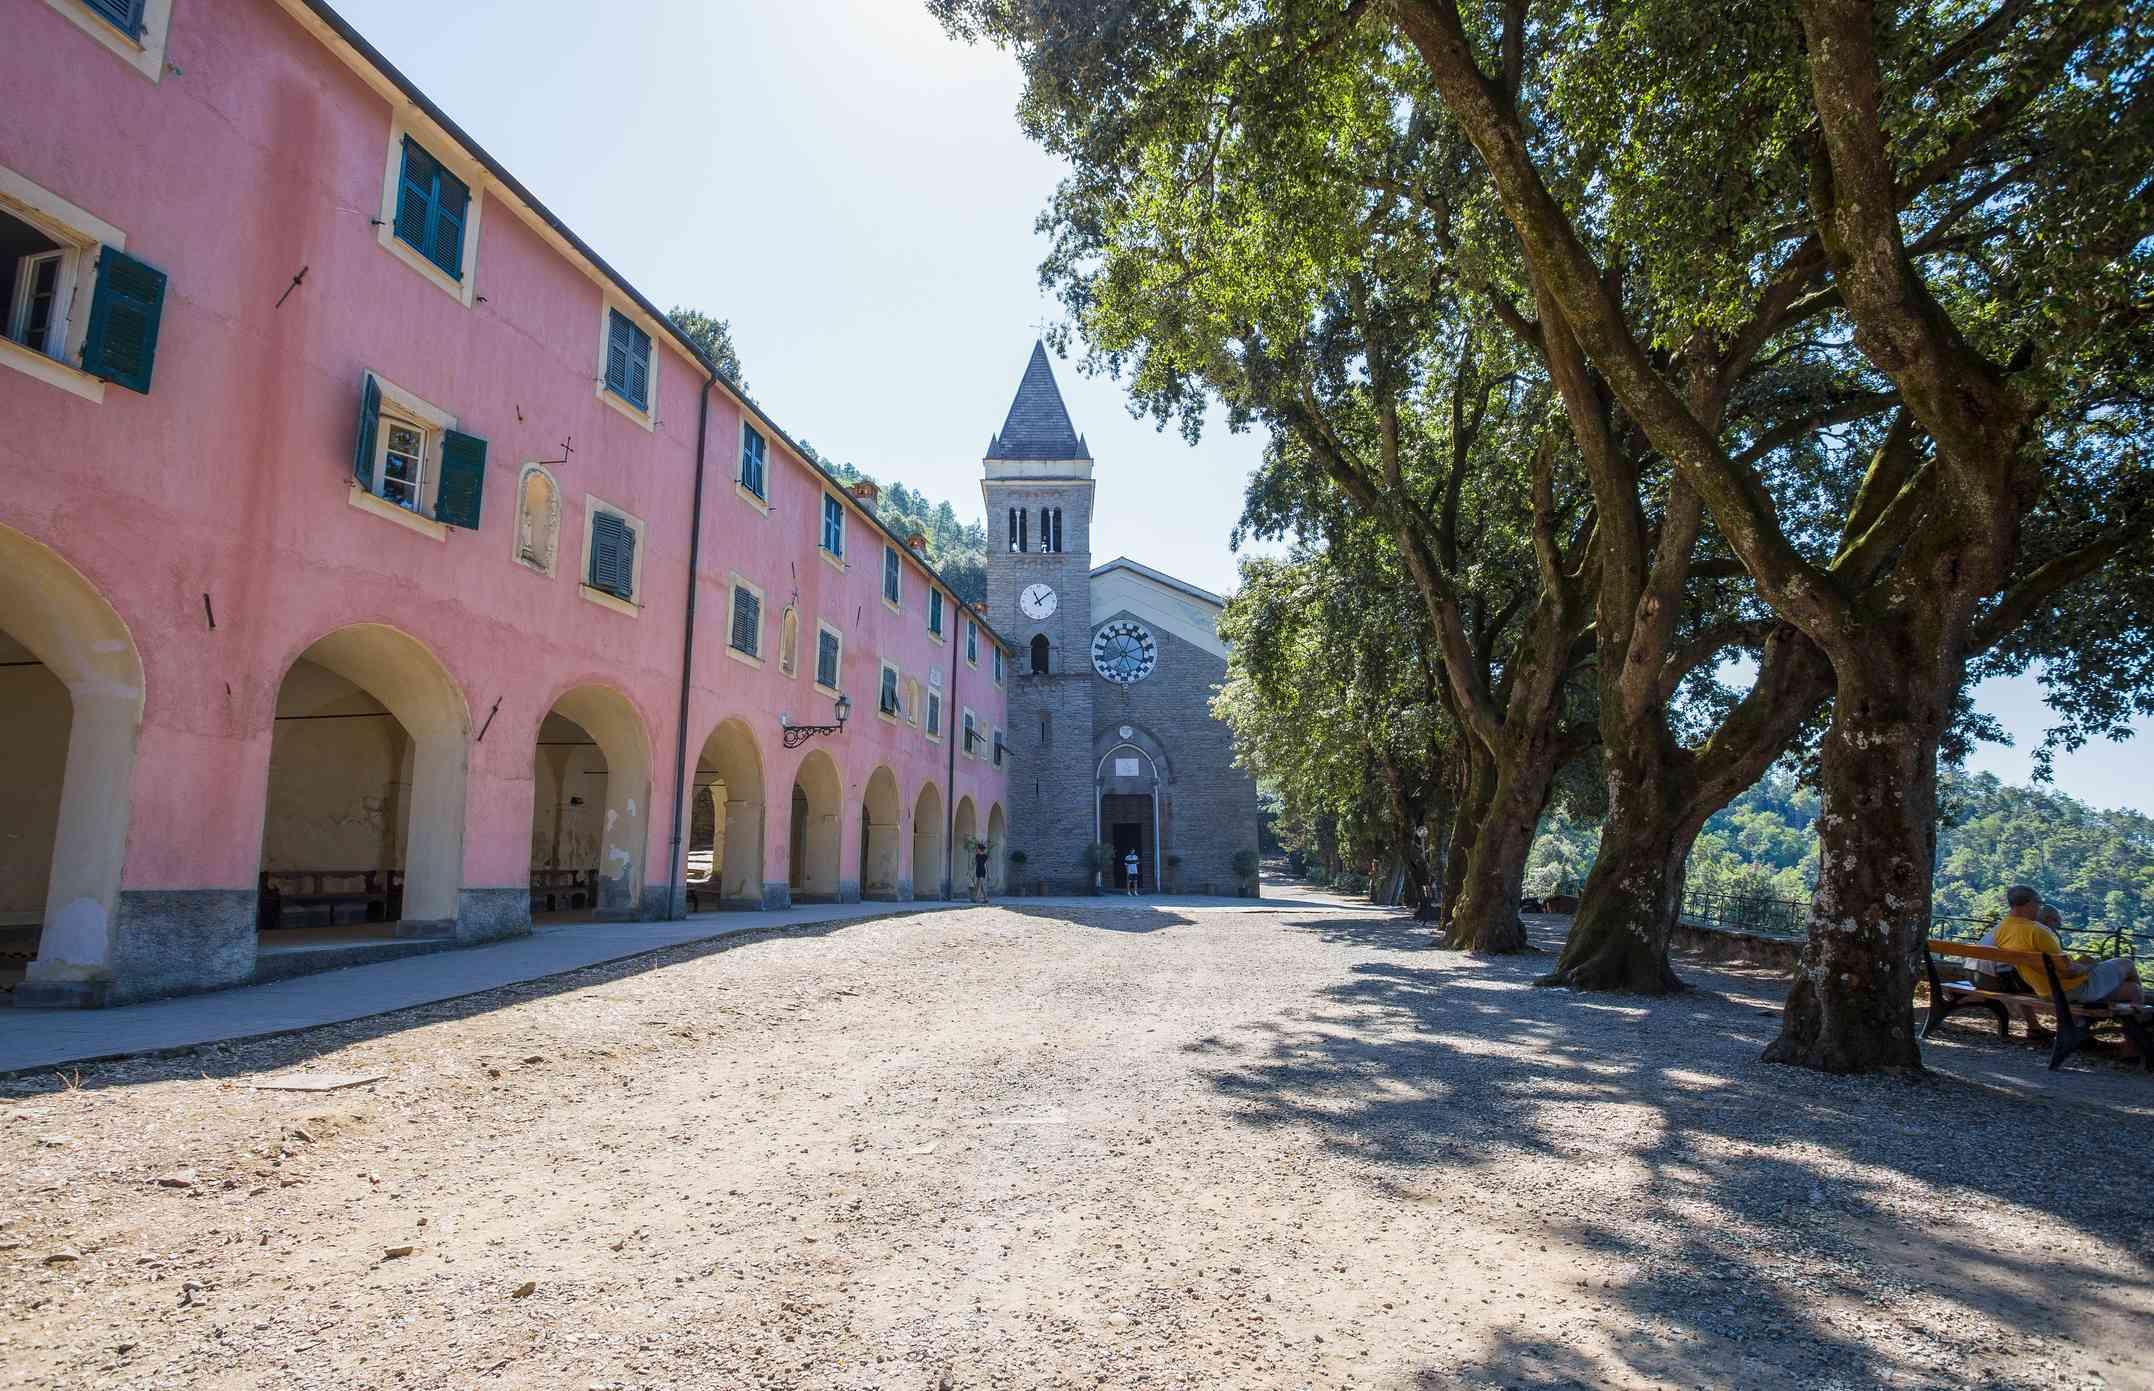 Sanctuary of Soviore at Monterosso